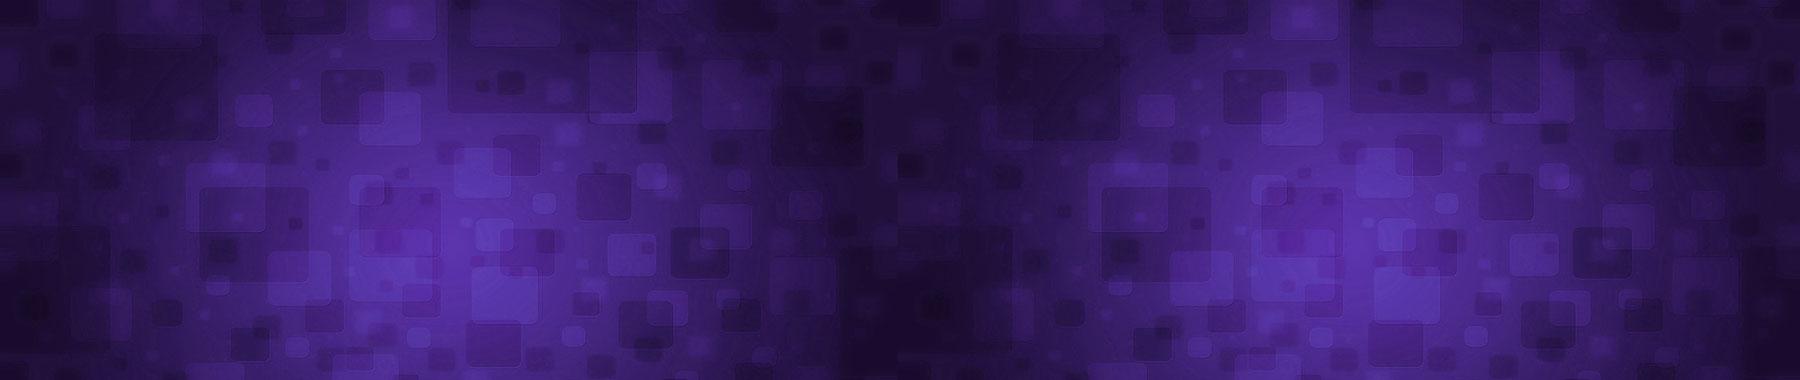 purple-slide-bknd21